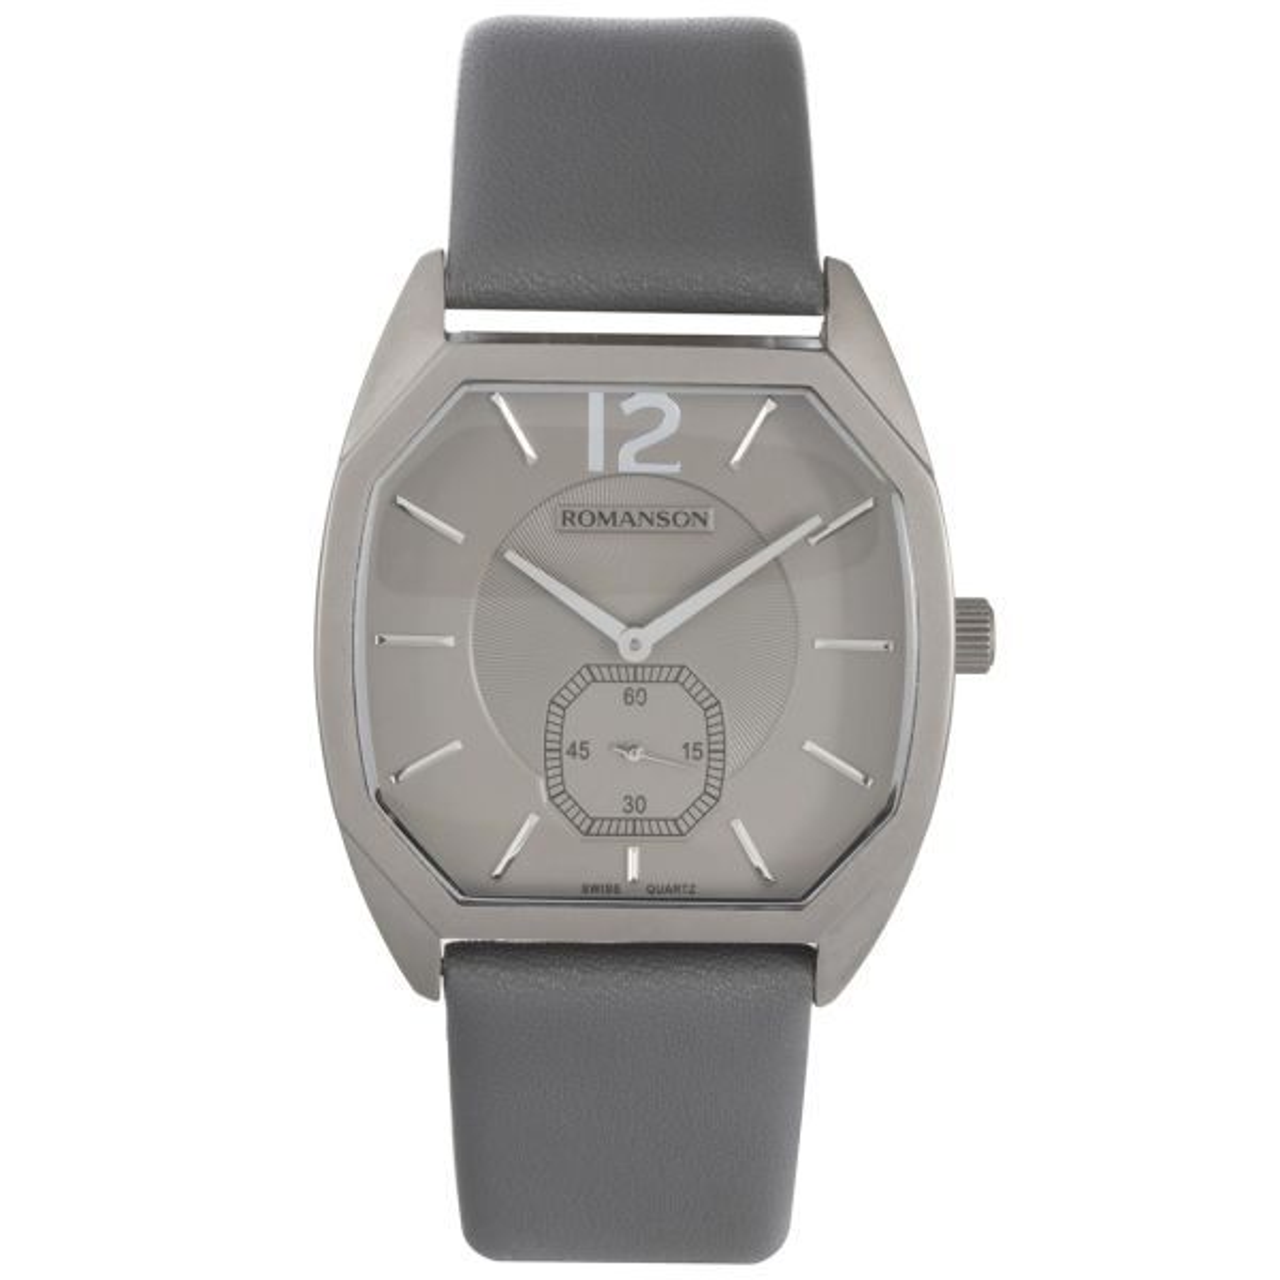 ساعت مچی عقربه ای مردانه رومانسون مدل TL1247MM1WAA2W